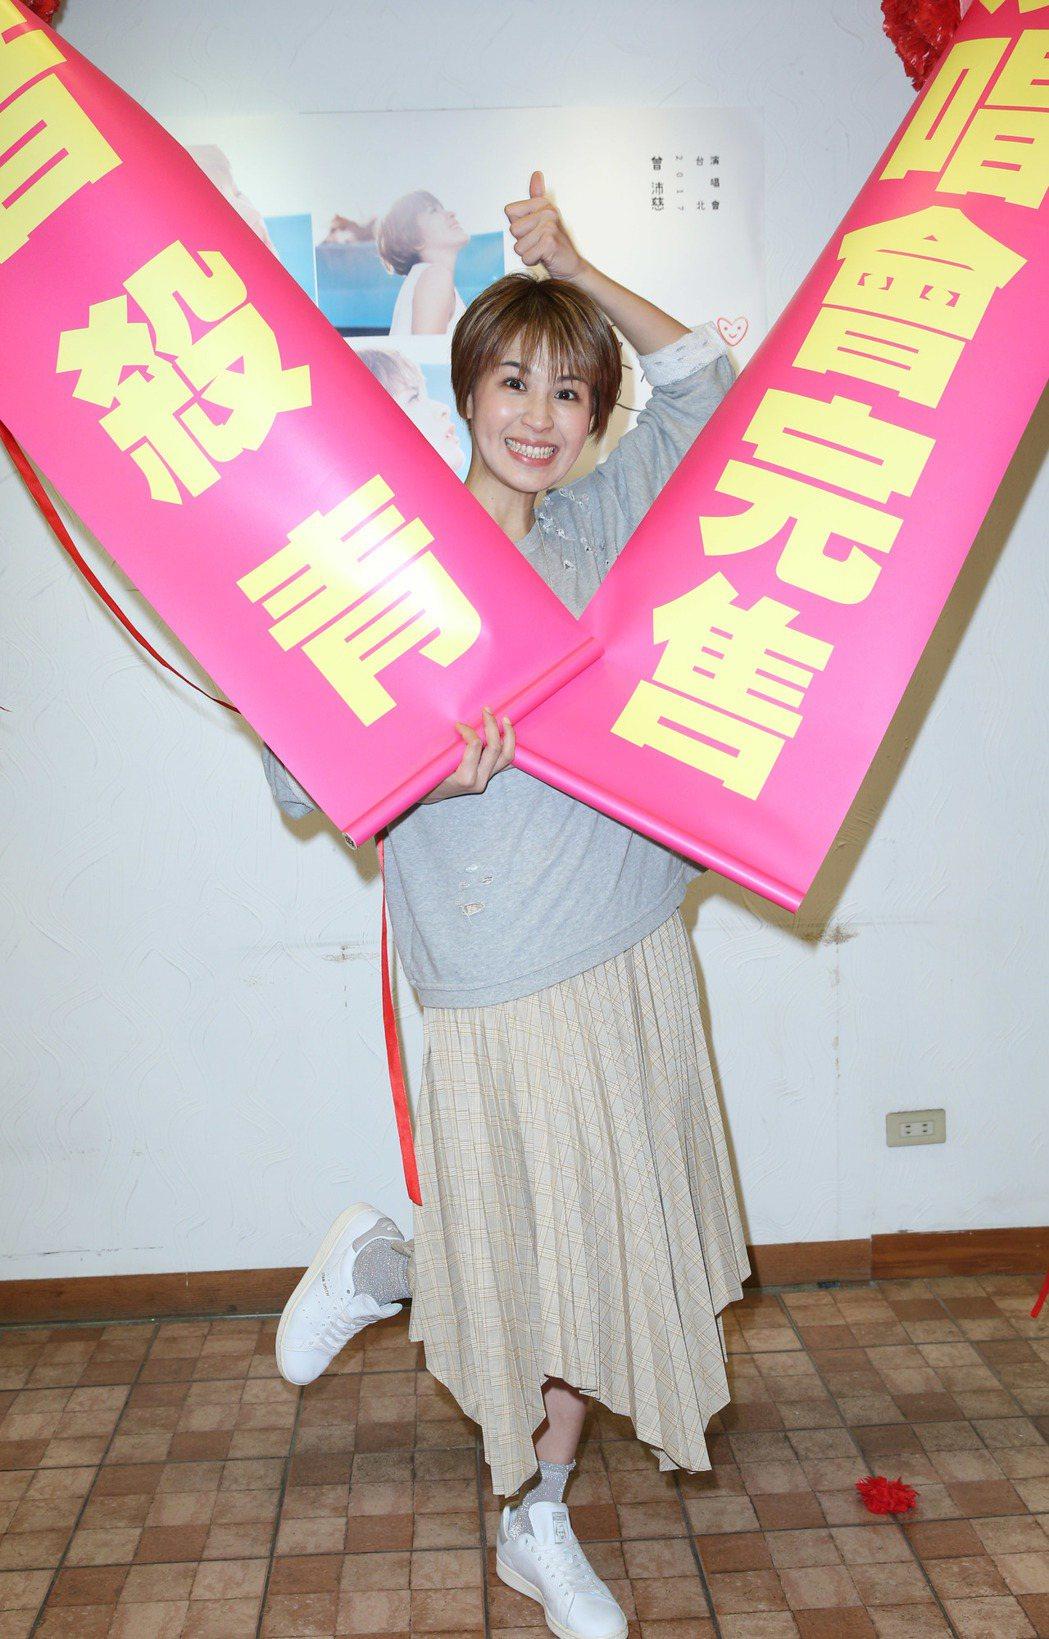 曾沛慈為新專輯錄音完成與演唱會完售拉彩球慶功。記者陳瑞源/攝影